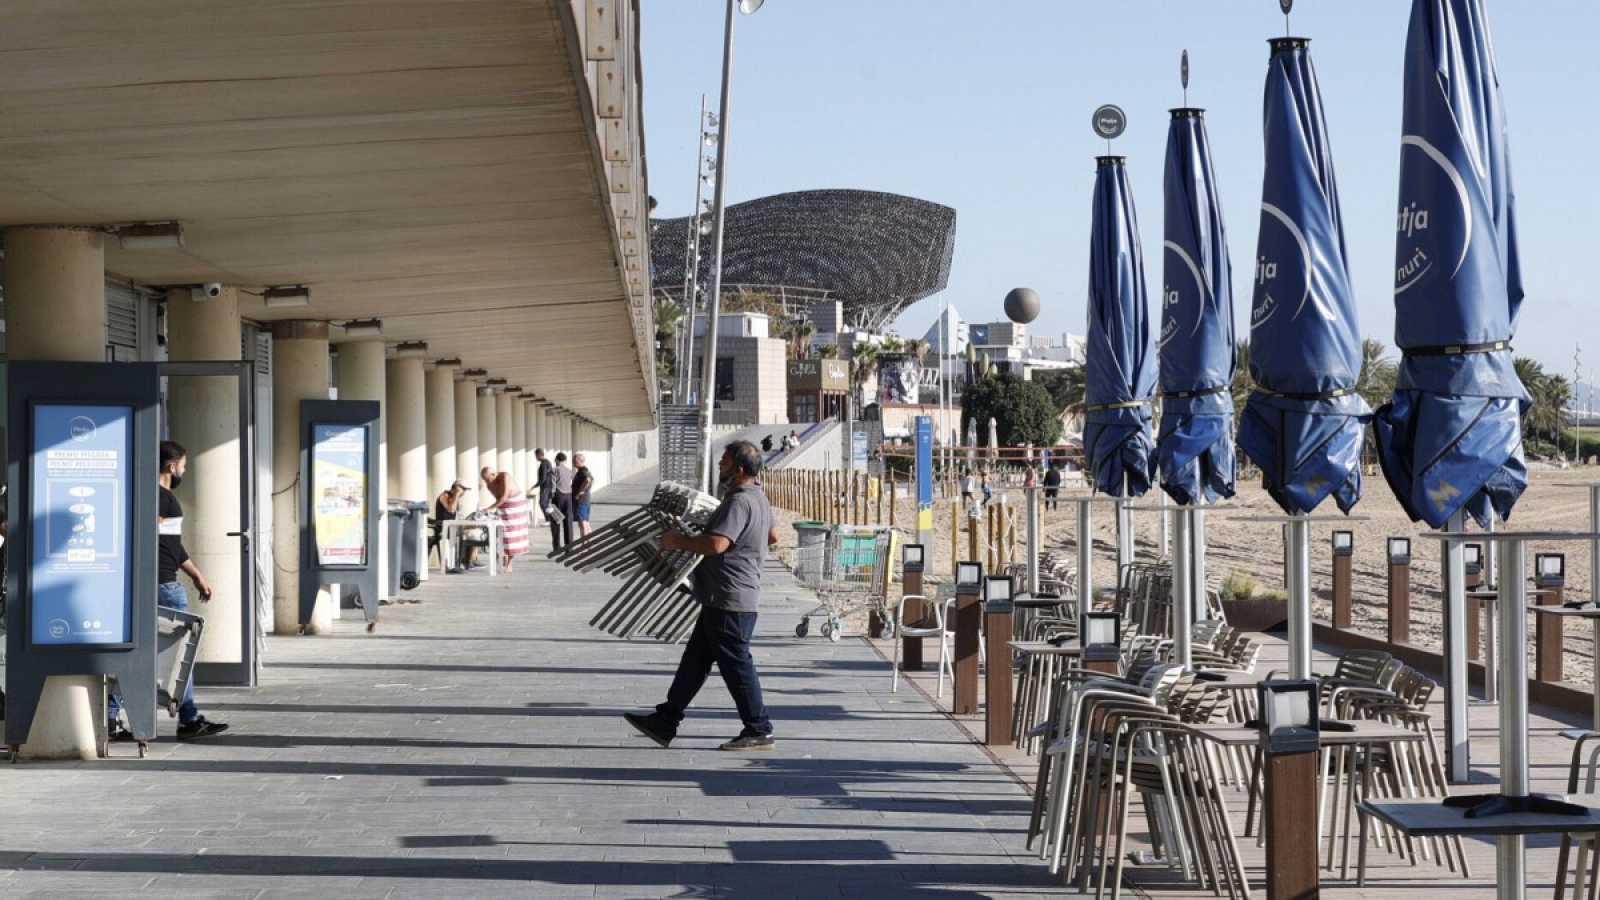 Cataluña reabre la hostelería el lunes hasta las 21:30 con limitación de aforo